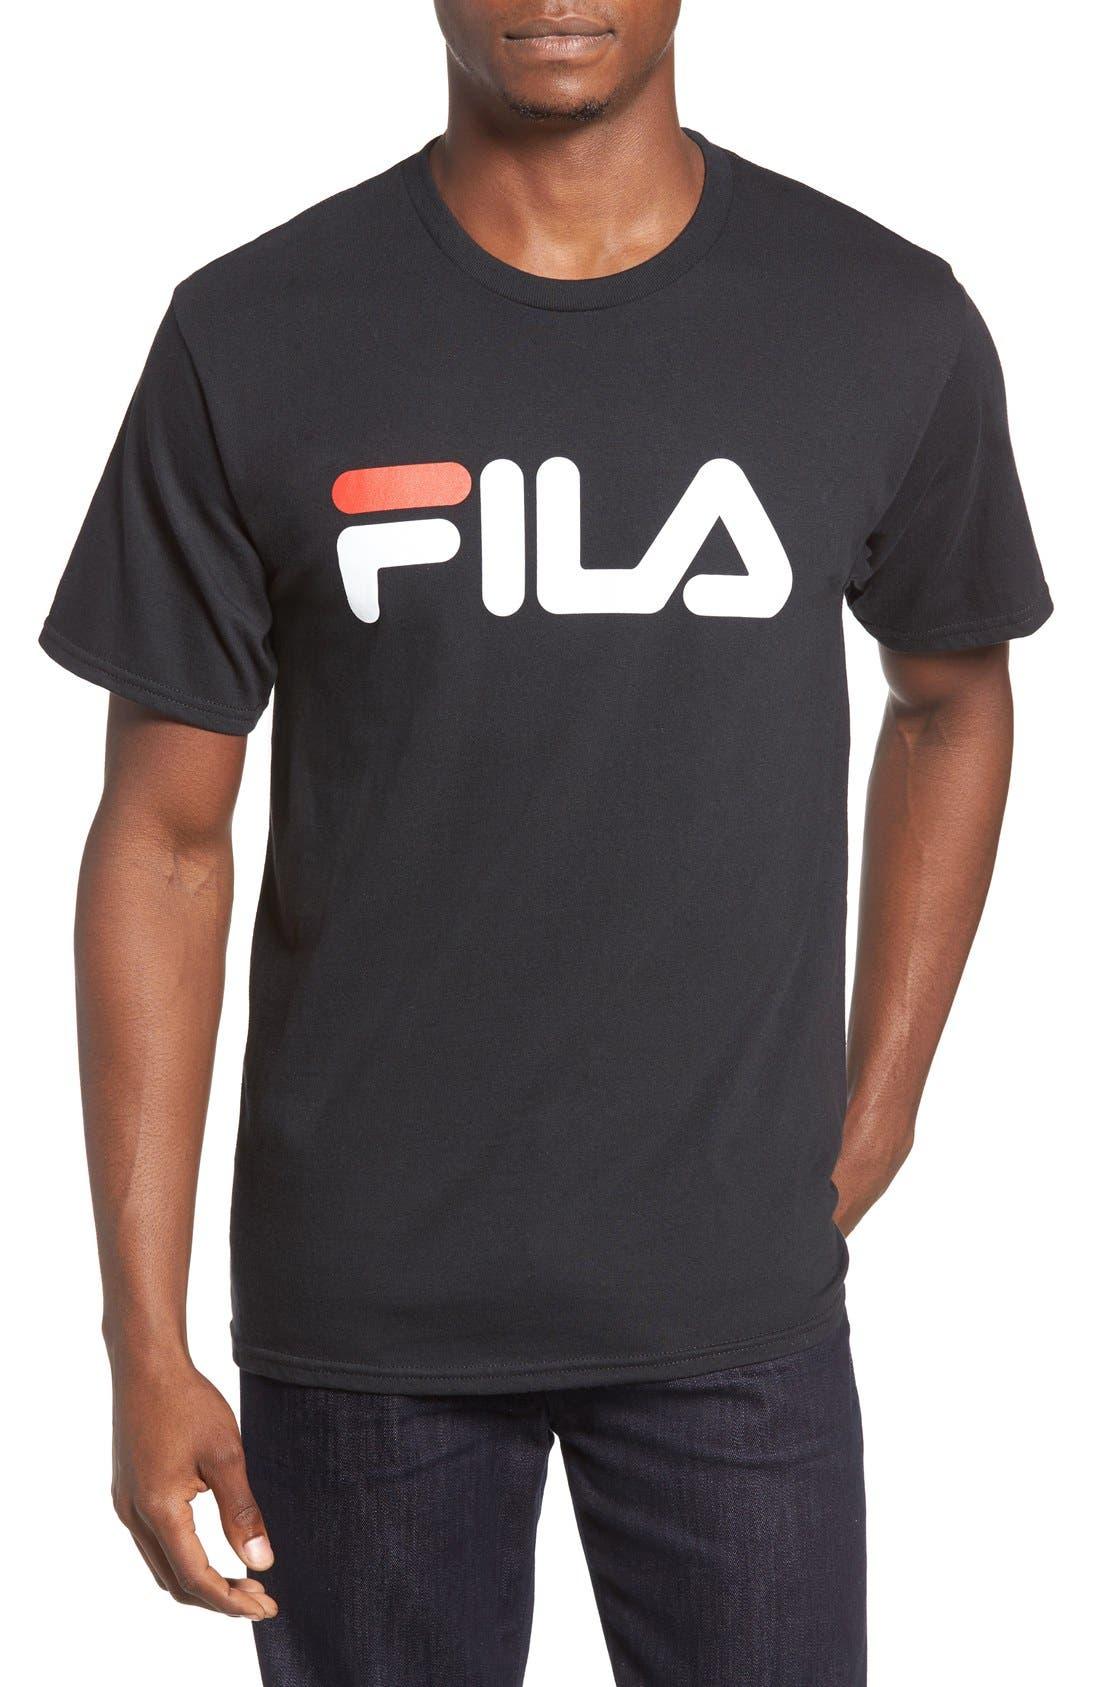 USA Graphic T-Shirt,                             Main thumbnail 3, color,